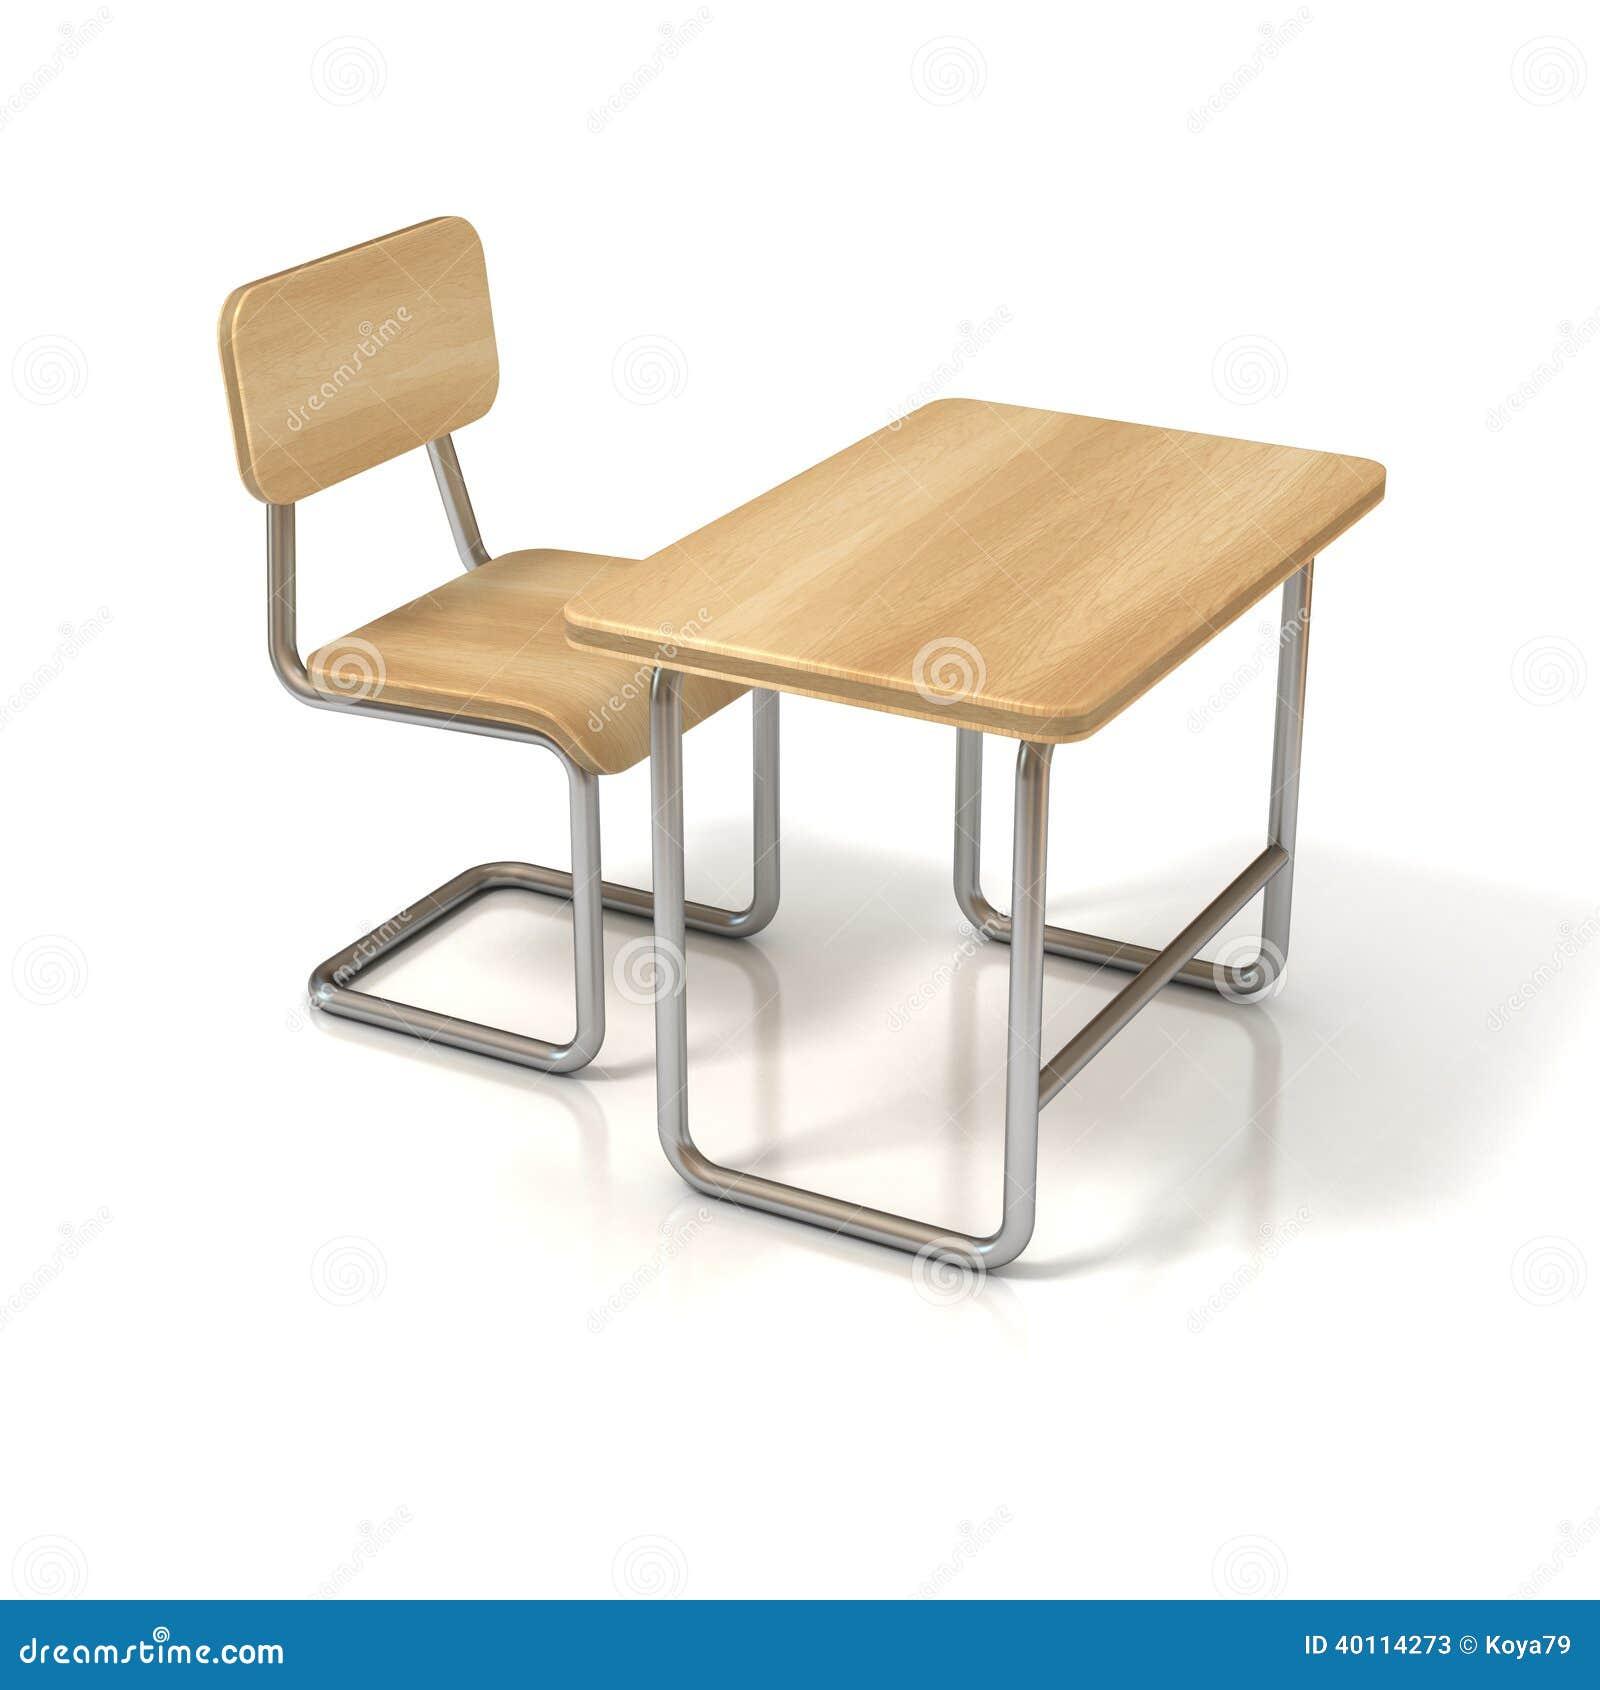 Schulbank zeichnung  Schulbank Und Stuhl Auf Weiß Stock Abbildung - Bild: 40114273